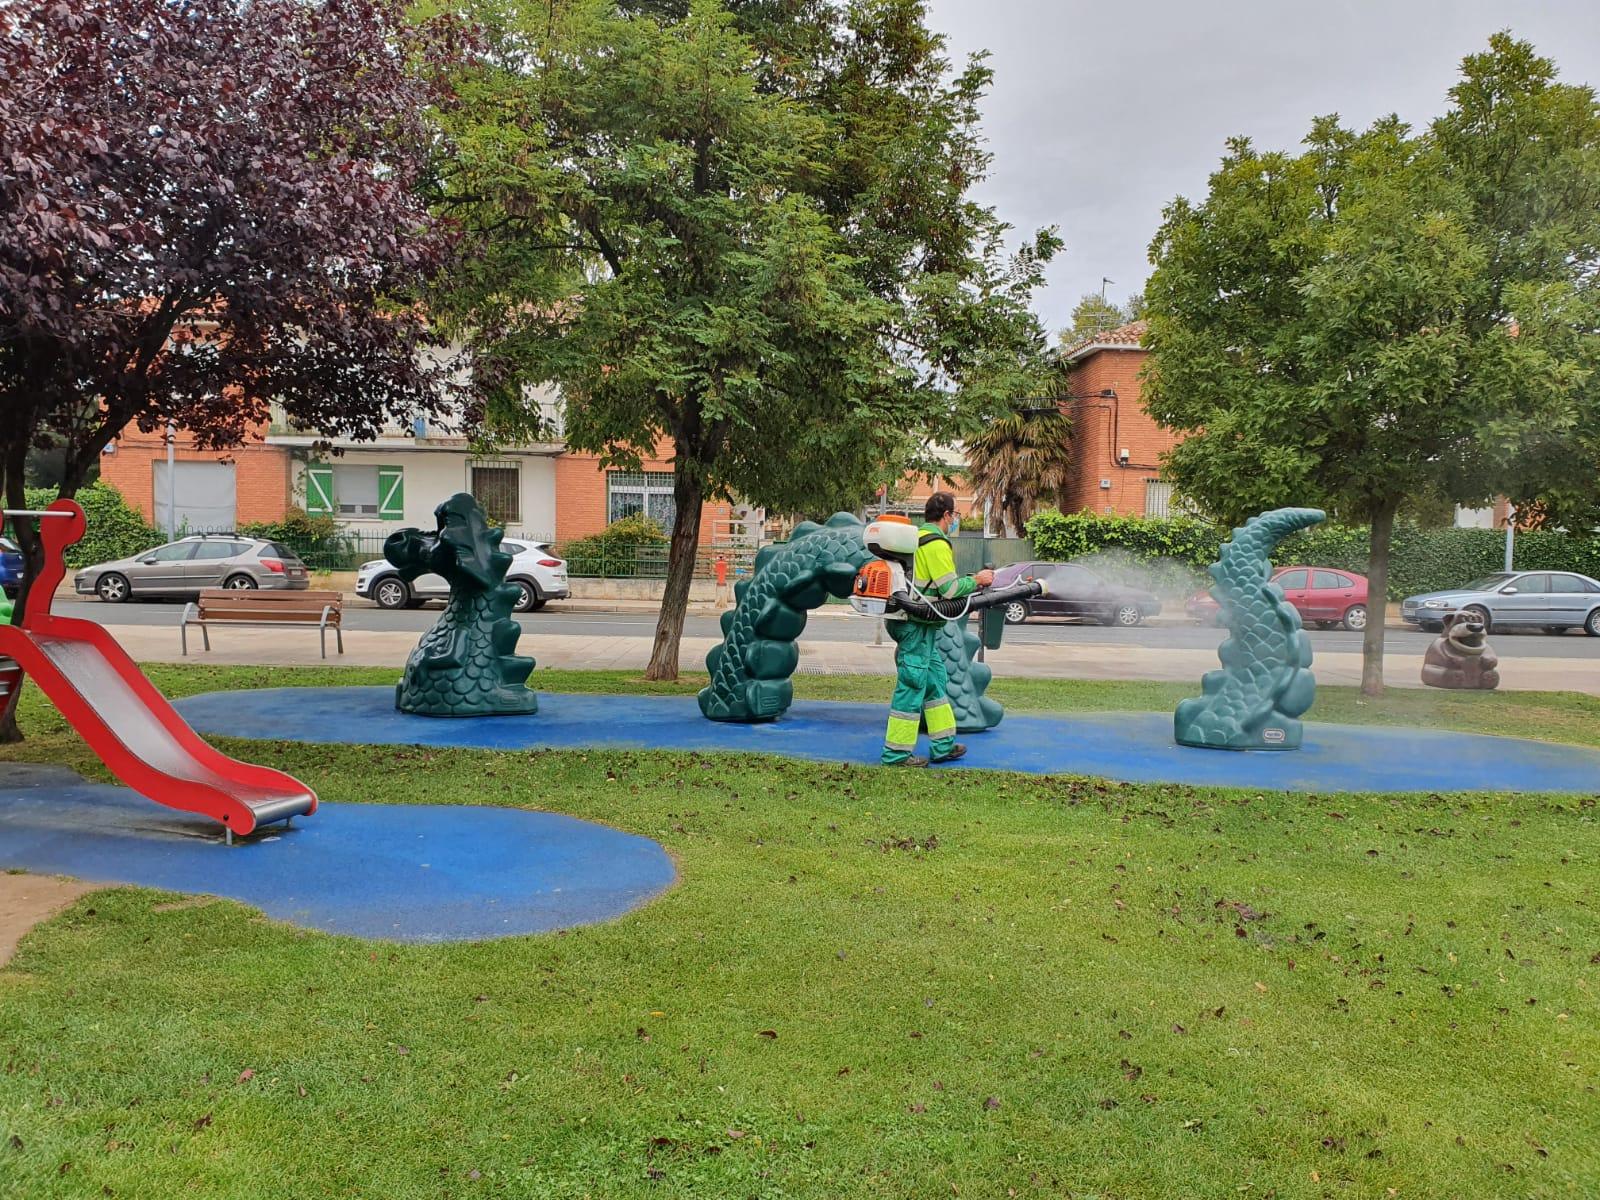 Haro refuerza la limpieza de sus parques infantiles con un nuevo producto desinfectante 1